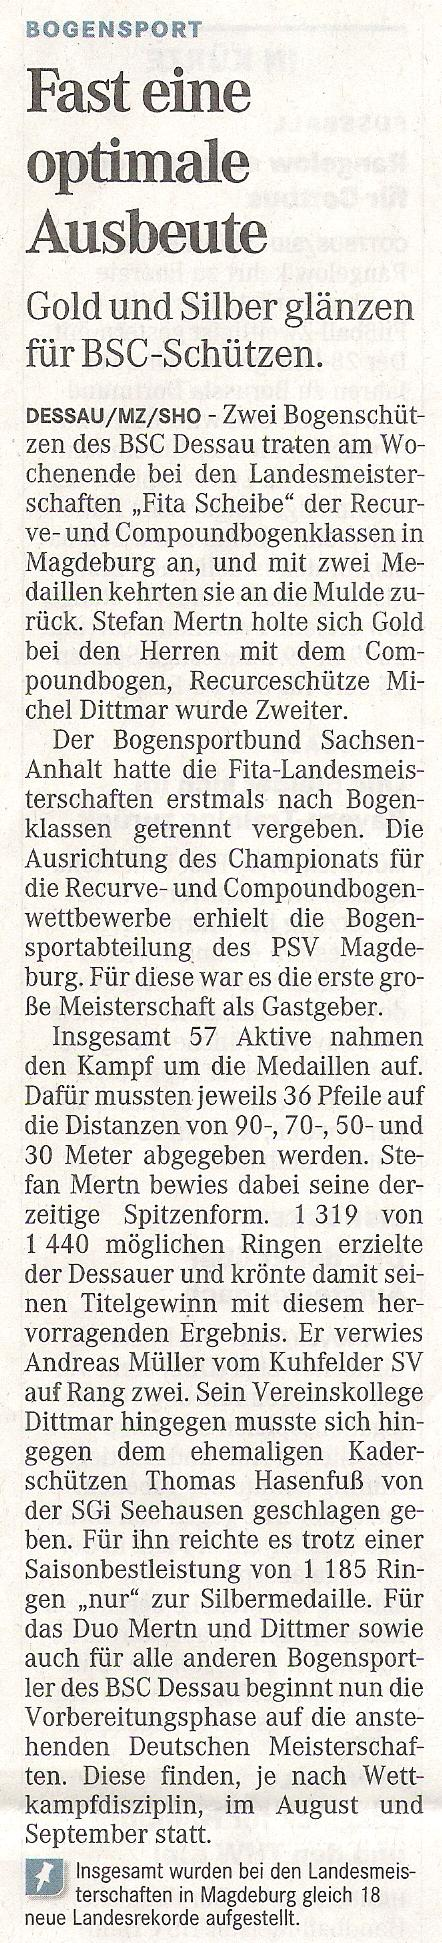 LM Fita Scheibe  für Recurve und Compound – Mitteldeutsche Zeitung vom 29.06.2011